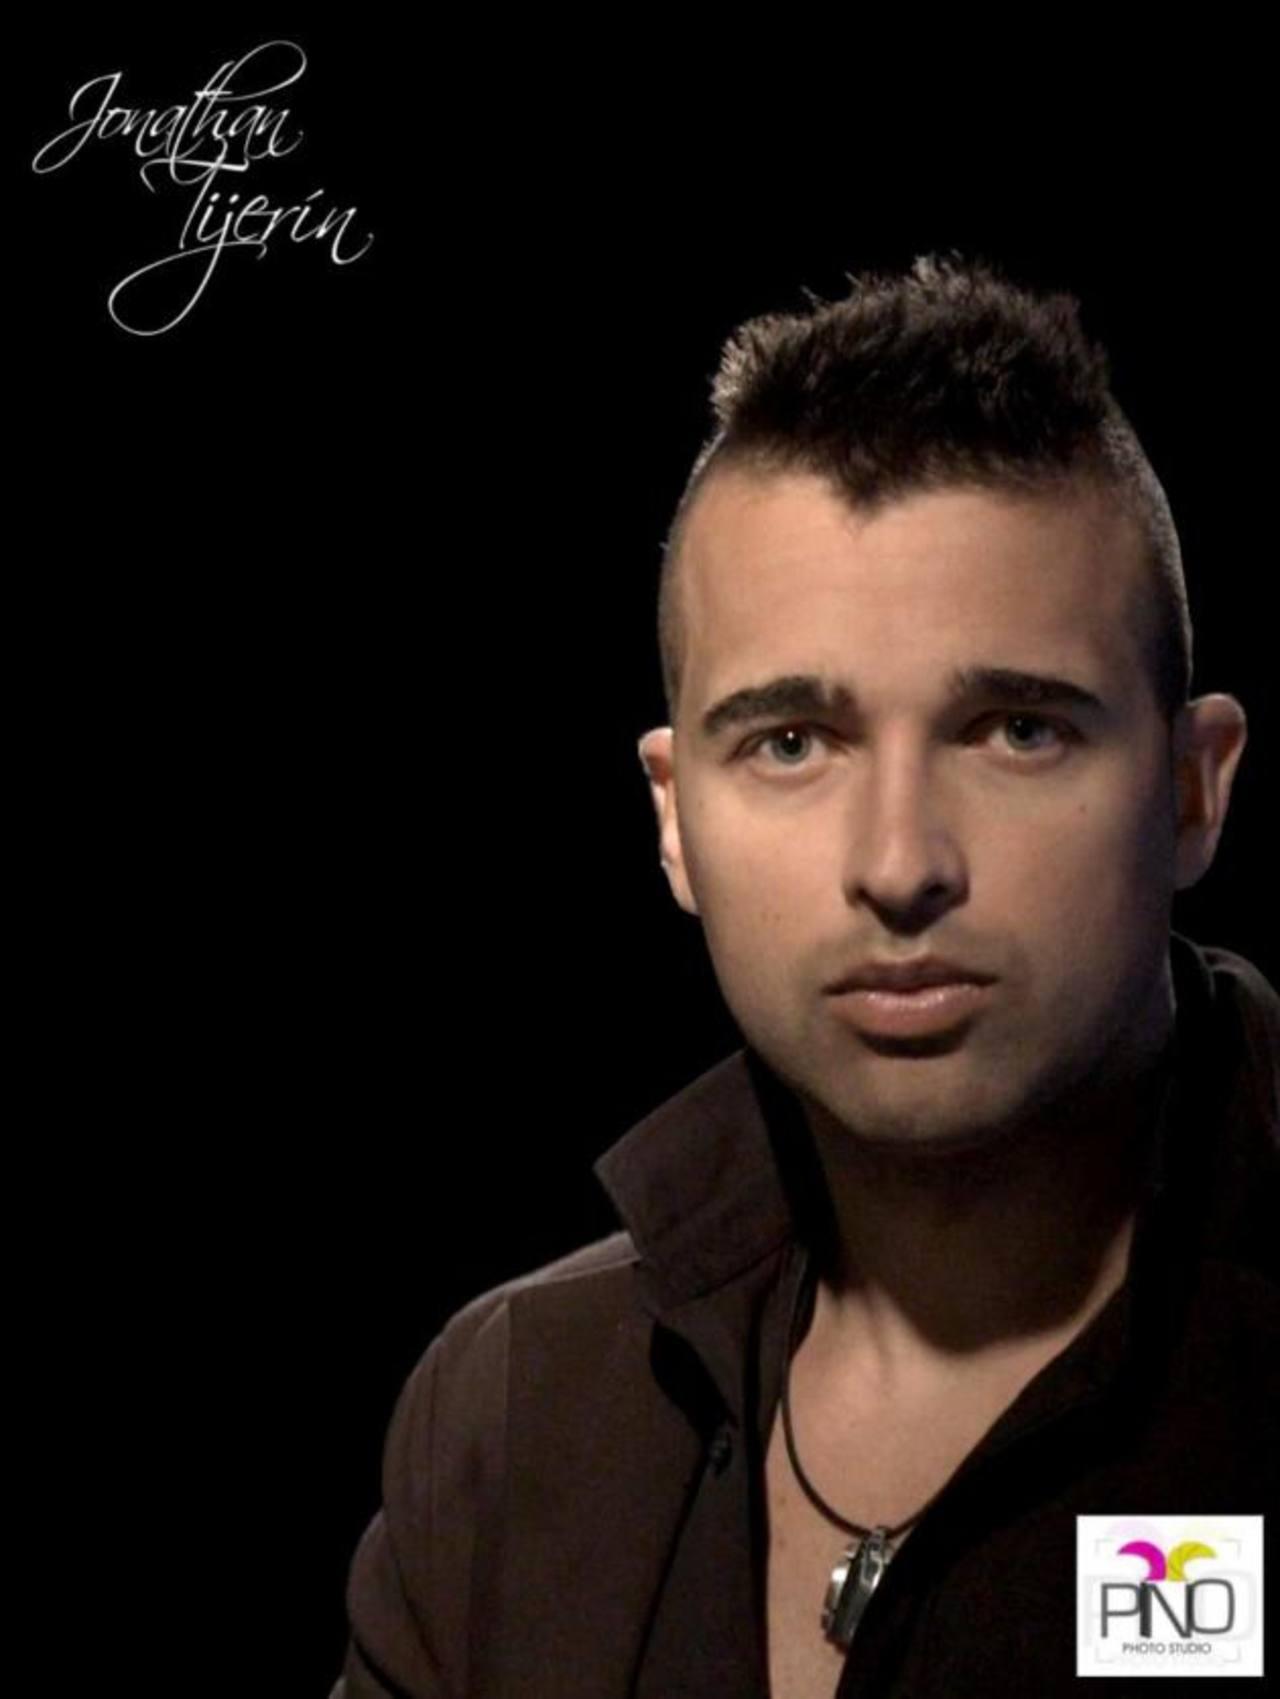 La nueva producción del cantante español estará lista en mayo y será presentada en el país antes que en España.